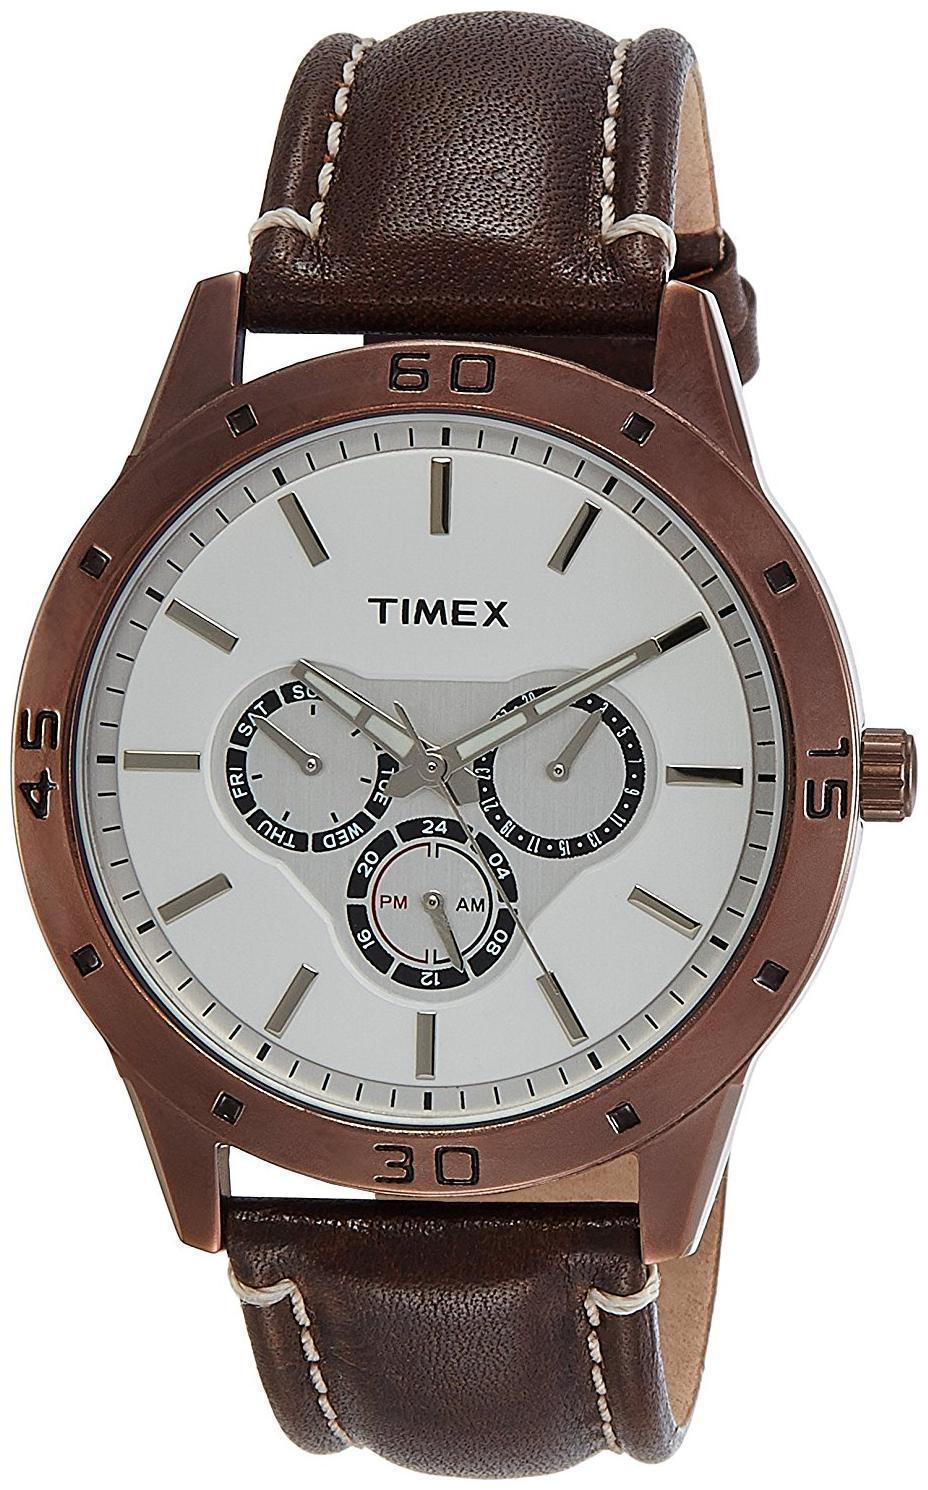 Timex TW000U916 Analog Watch For Men